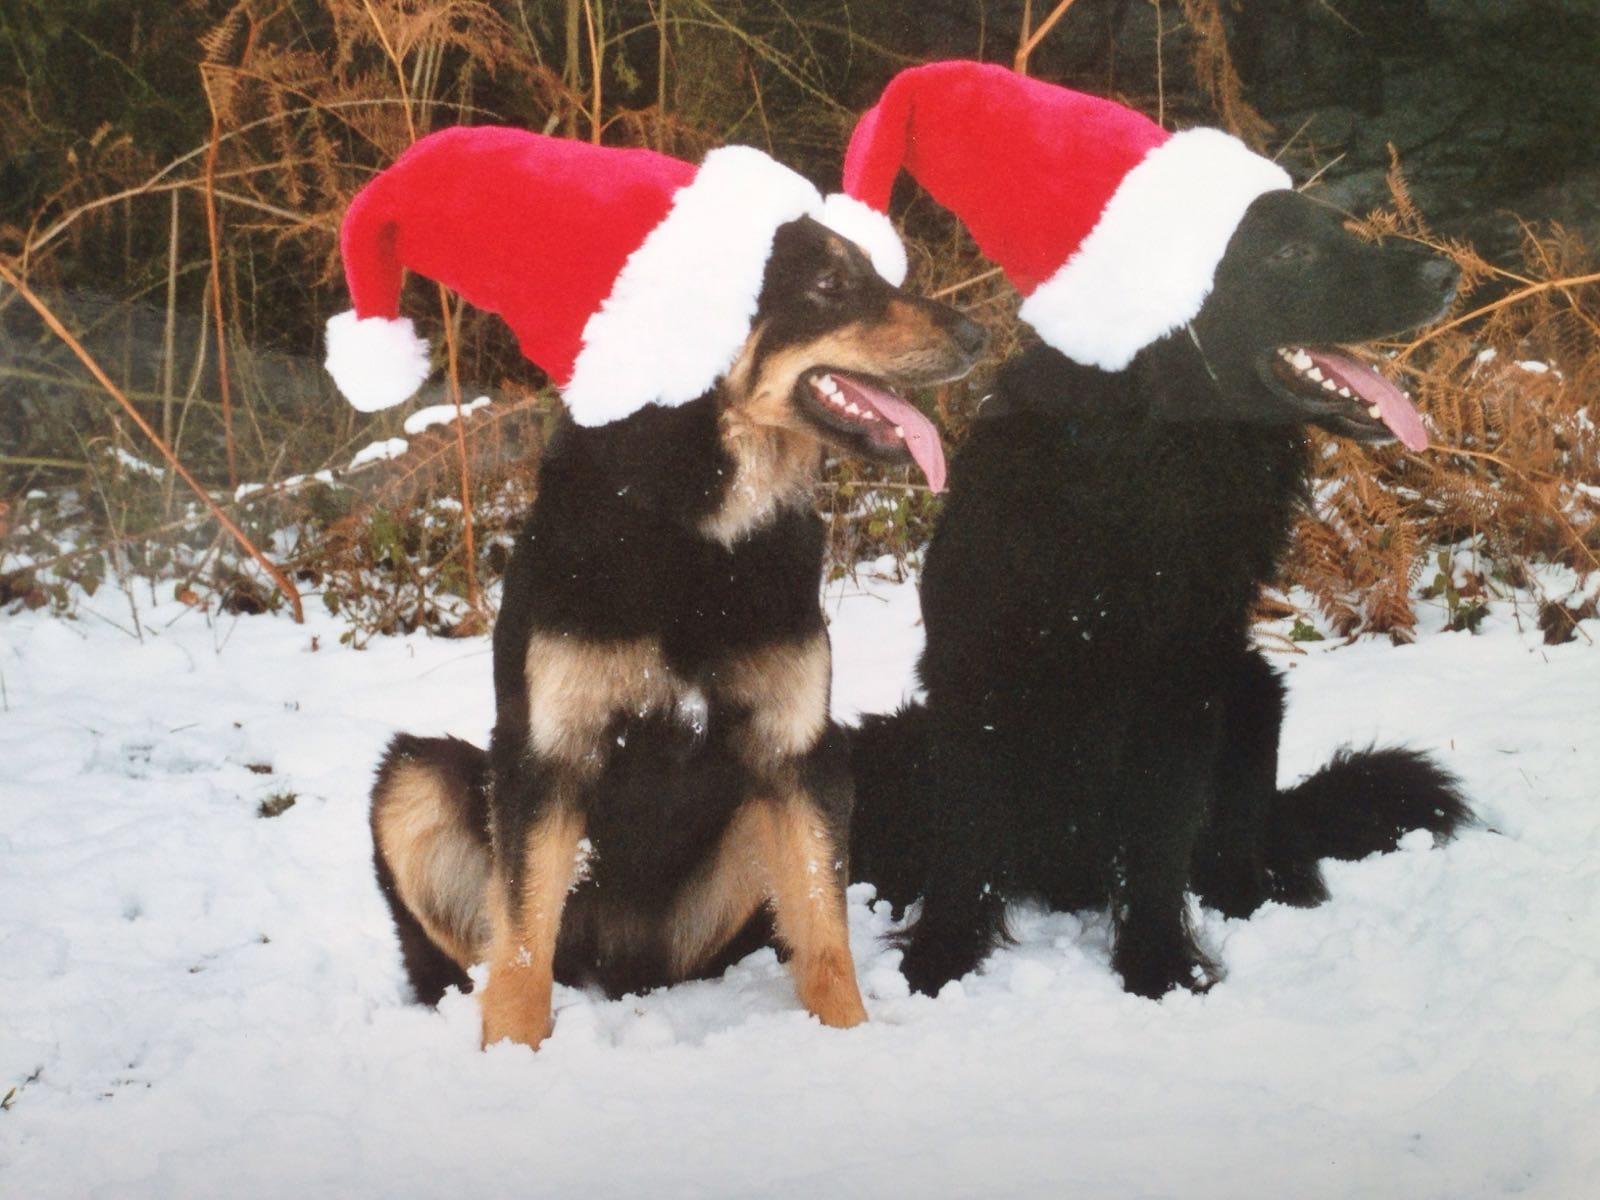 Gemeinsam_Amigo_u_Baika_Weihnachten 2003_1